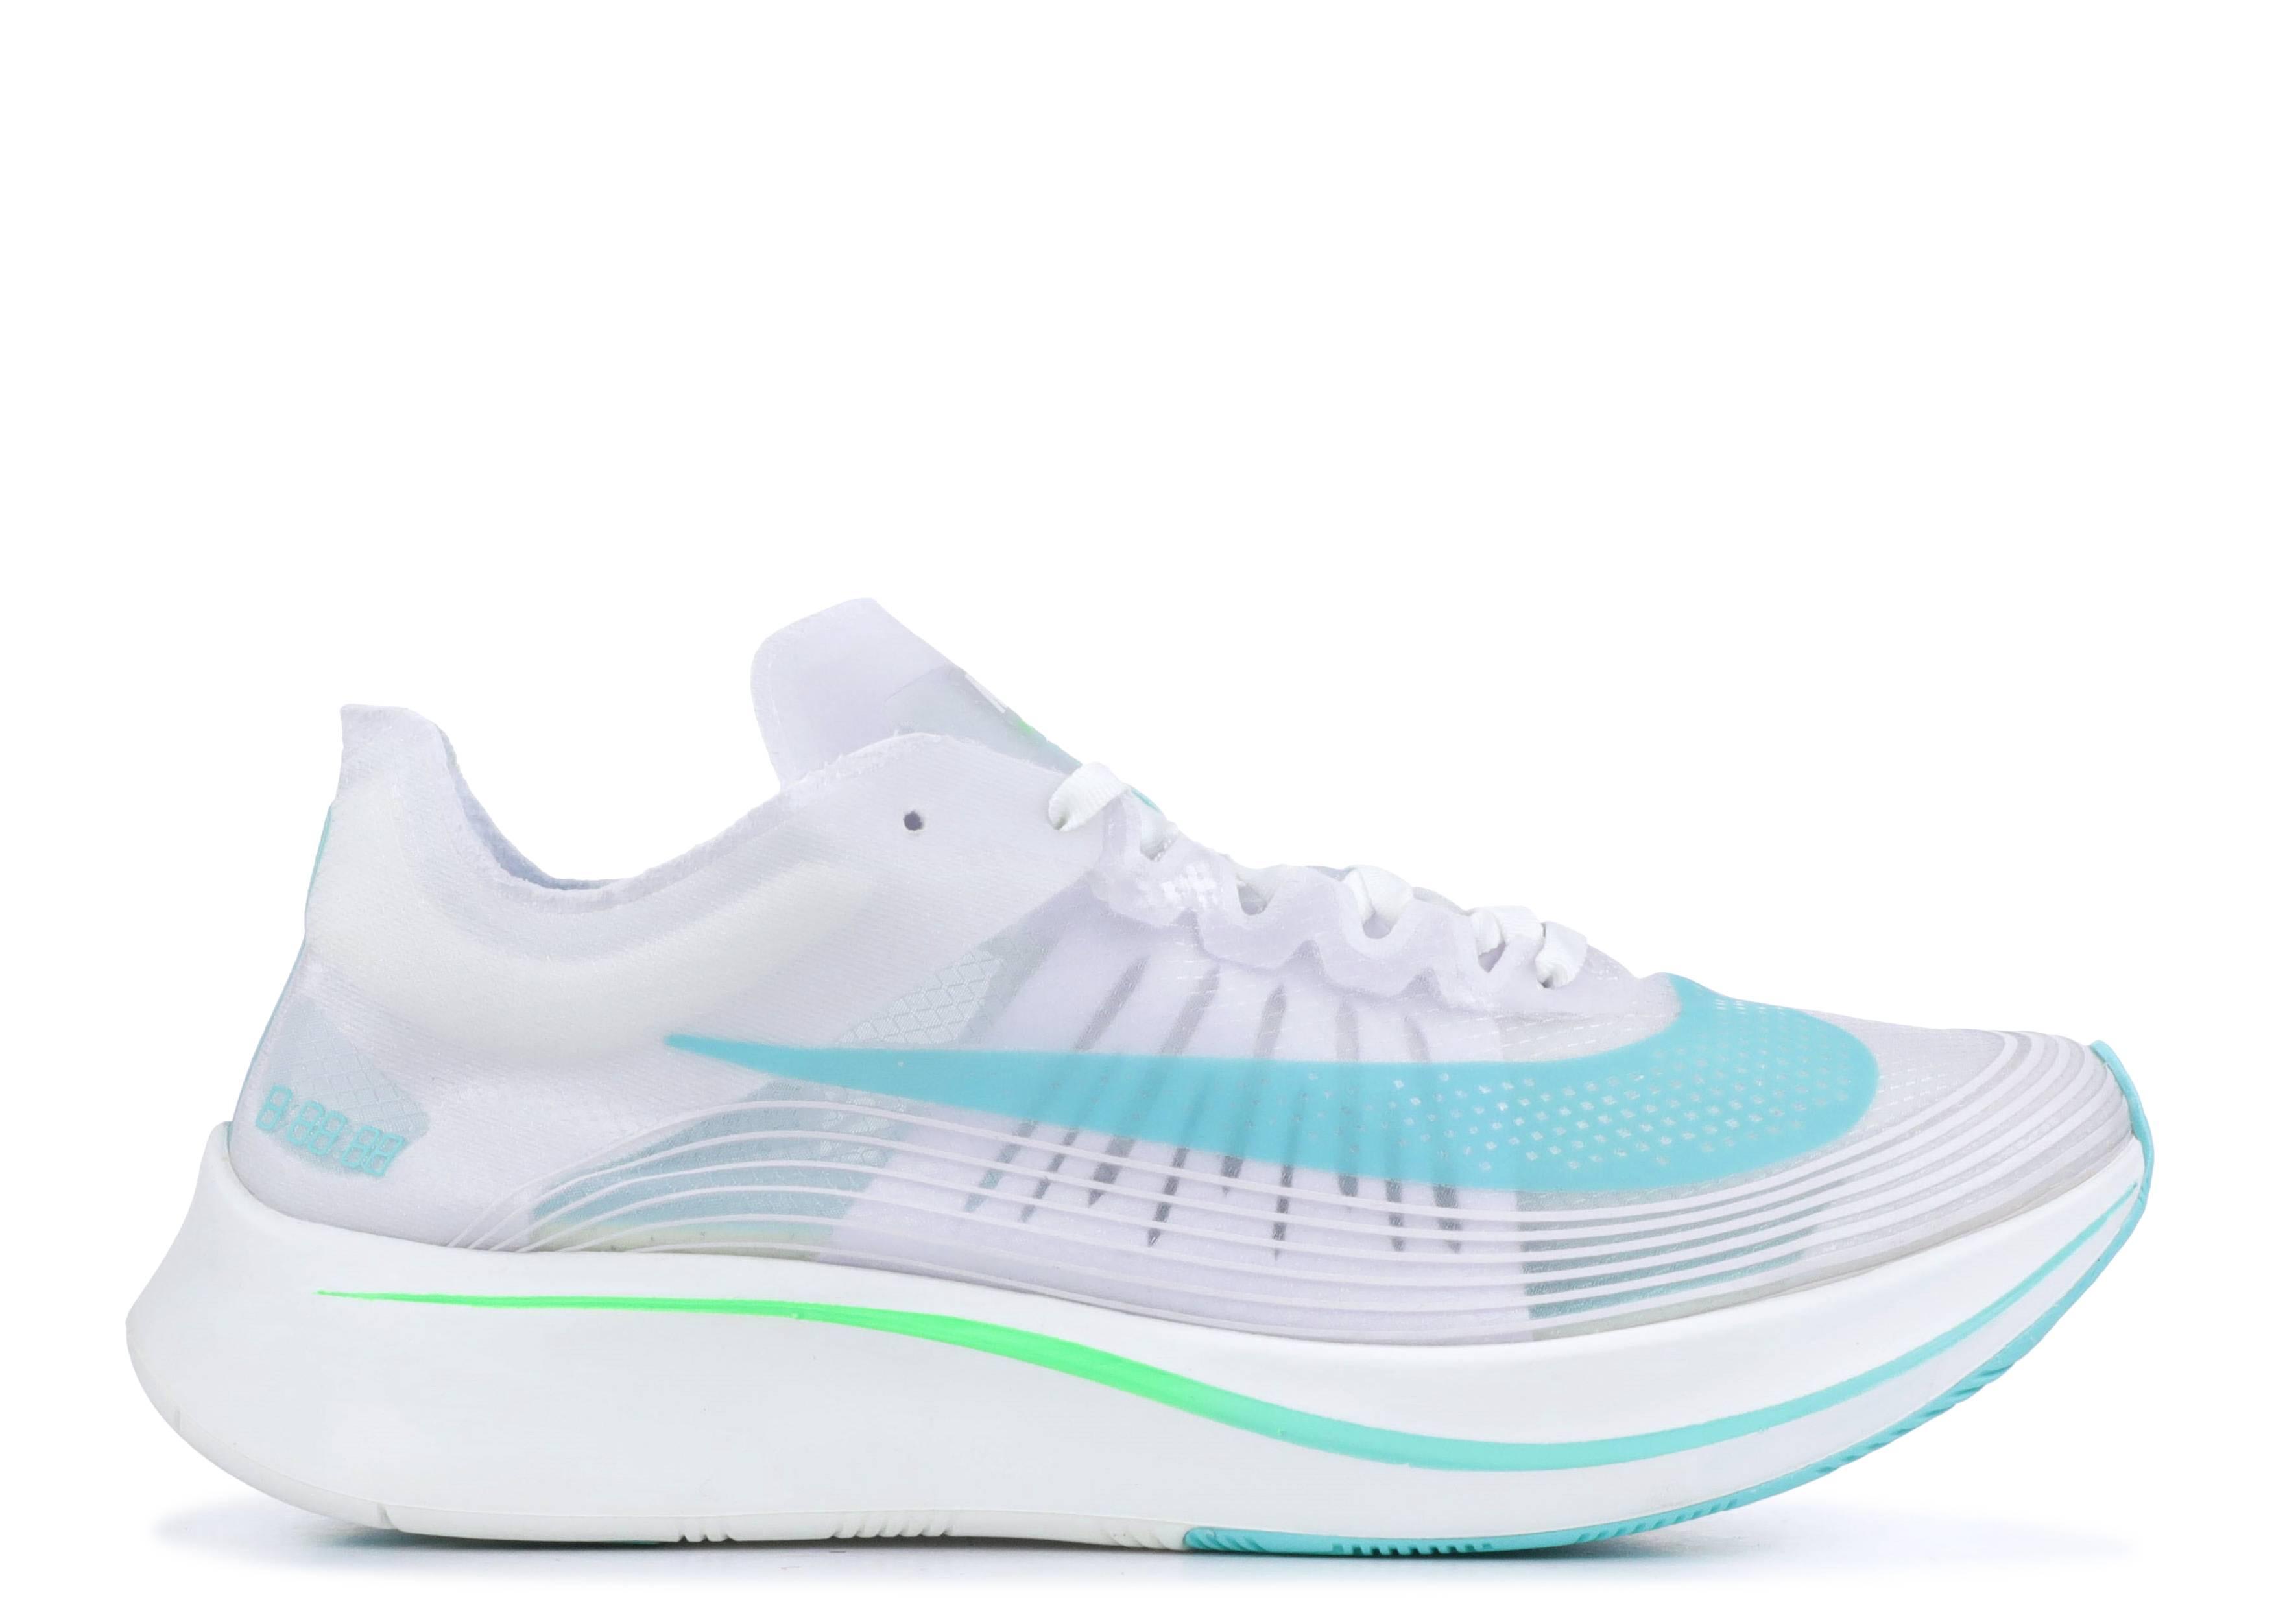 Nike Zoom Fly SP ~ AJ9282 103 ~ Uk Size 8